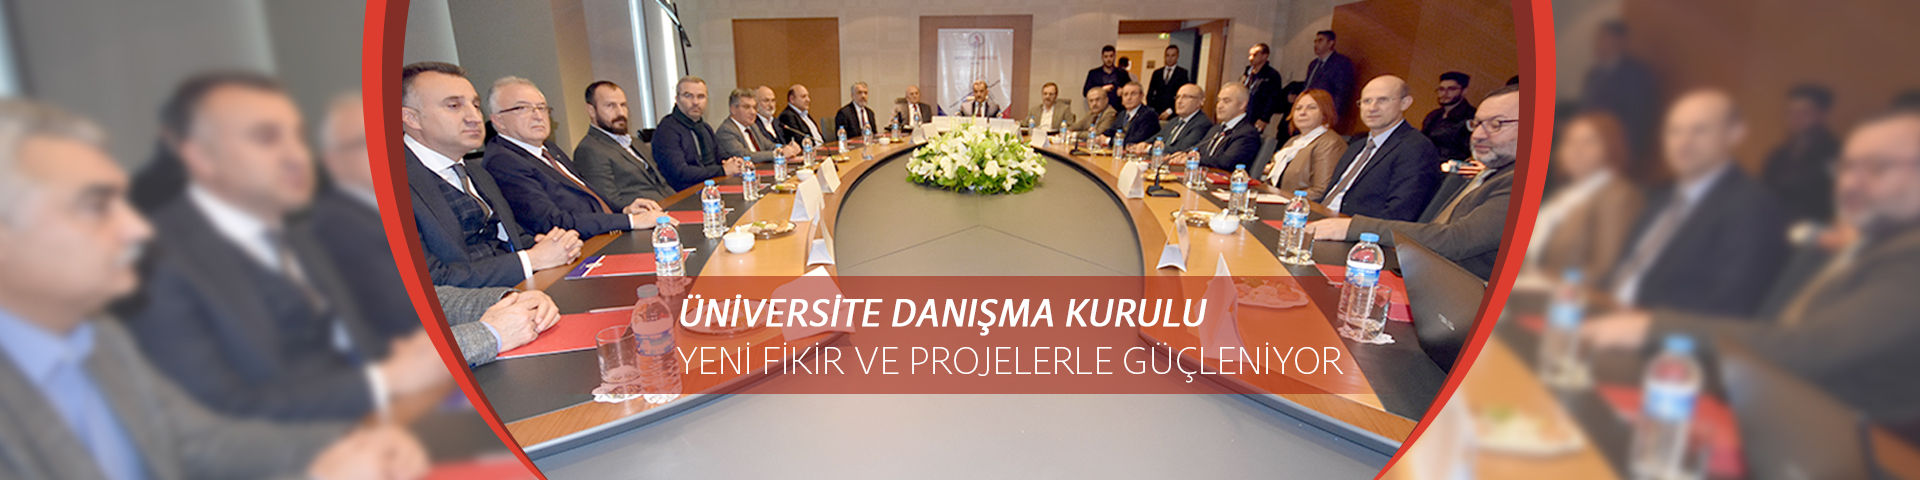 http://www.omu.edu.tr/sites/default/files/files/universite_danisma_kurulu_yeni_fikir_ve_projelerle_gucleniyor/omu_danismakurulu_4_2018.jpg